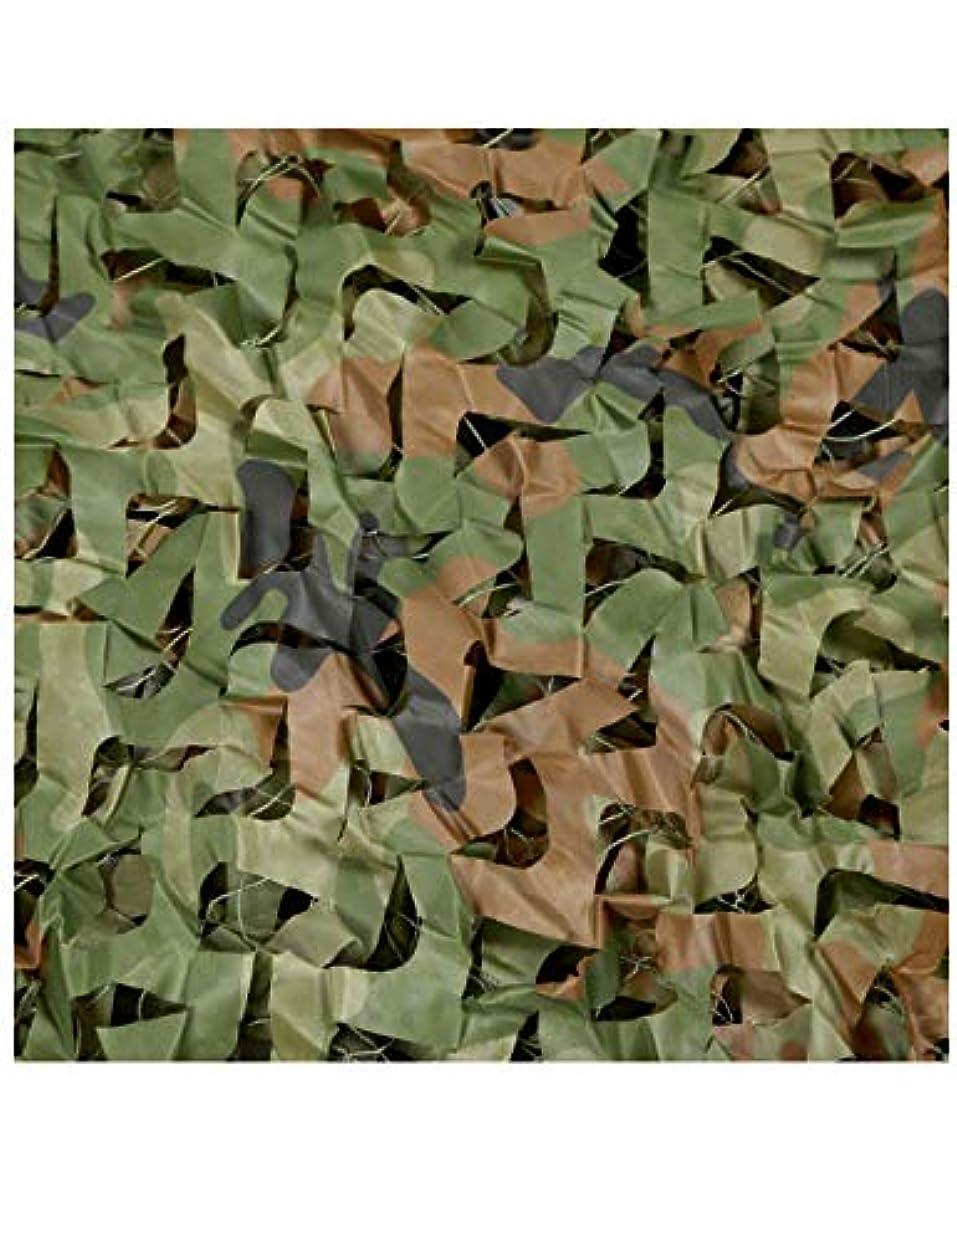 影響を受けやすいです早い谷ネット隠されたツリーハウス映画、さまざまな色 釣り野外活動のための日焼け止めを撮影カモフラージュネット迷彩ネットの太陽のネットワーク専用の森林キャンプキャンプ狩猟 (色 : Marine camouflage, サイズ さいず : 3m×3m)